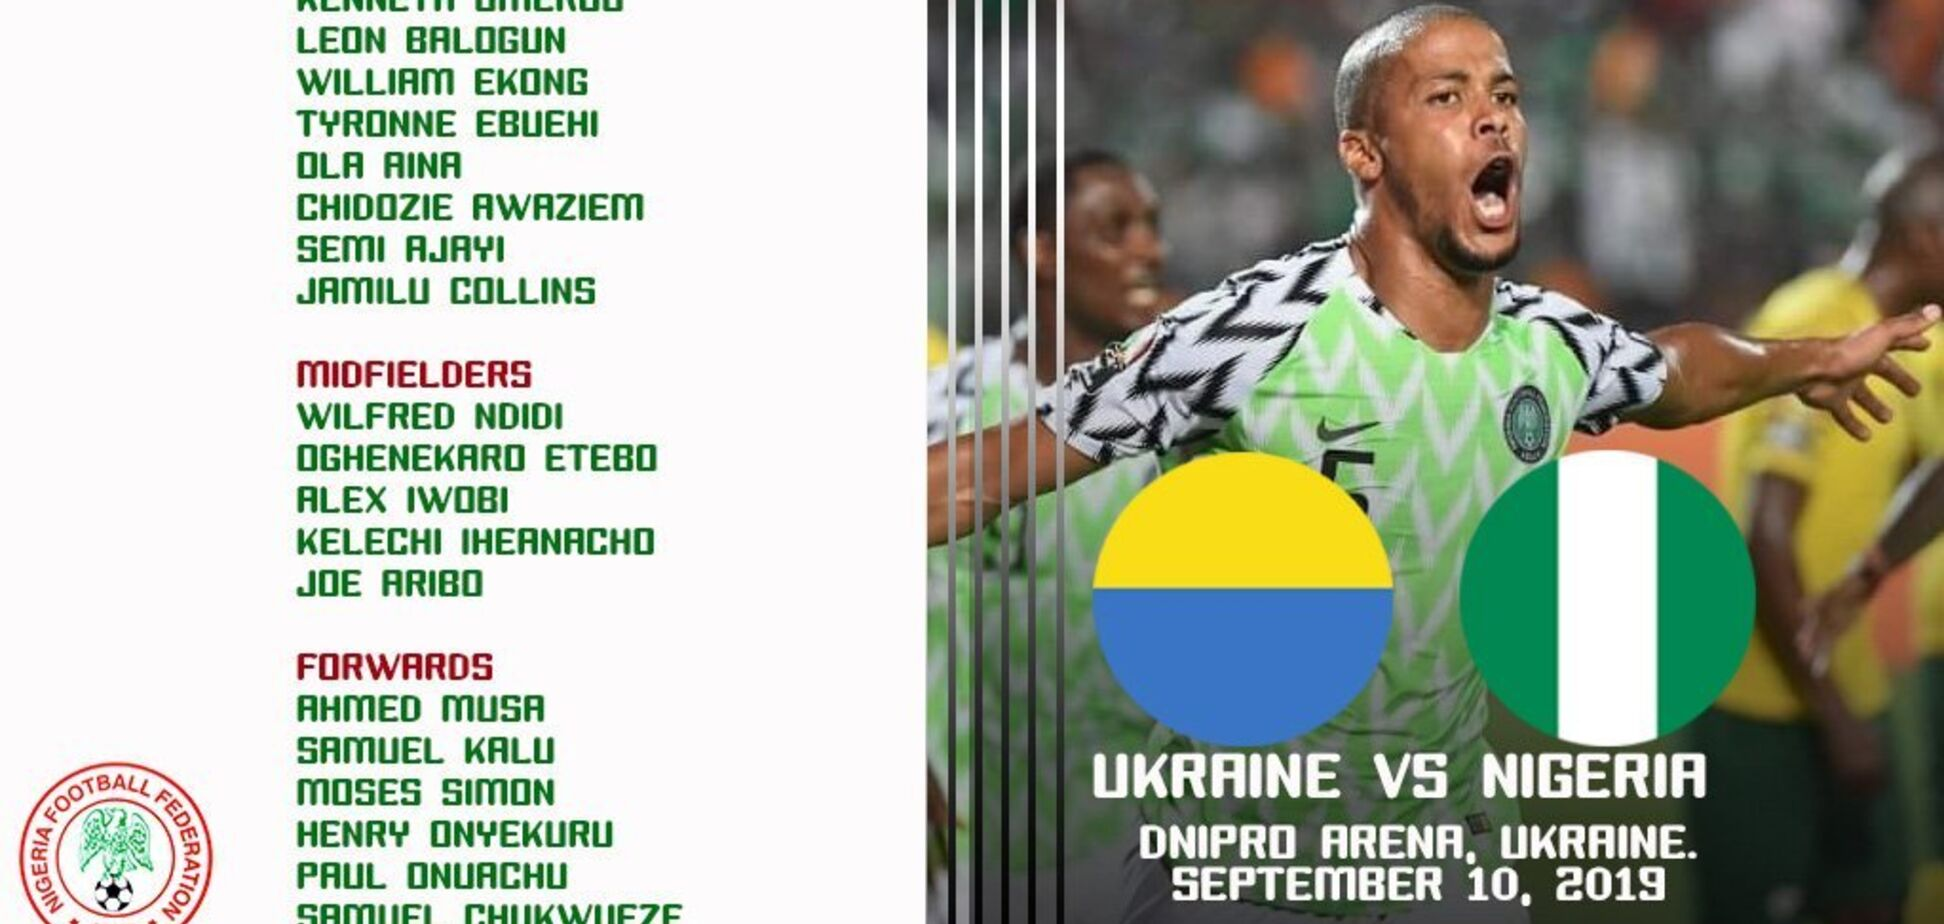 Ляп дня: в Нигерии 'поиздевались' над сборной Украины по футболу